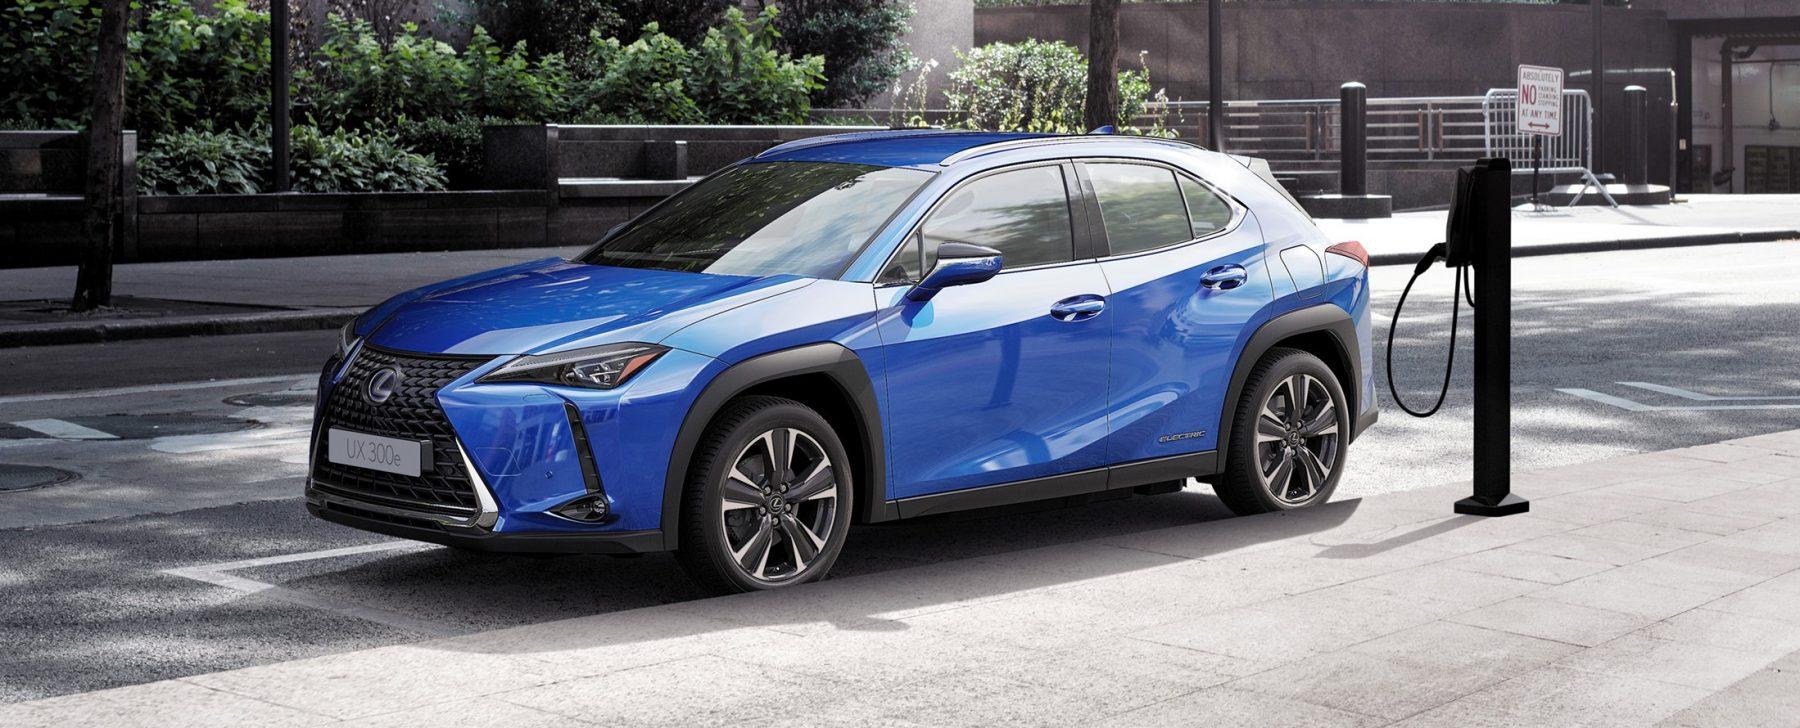 Encuesta coches electricos